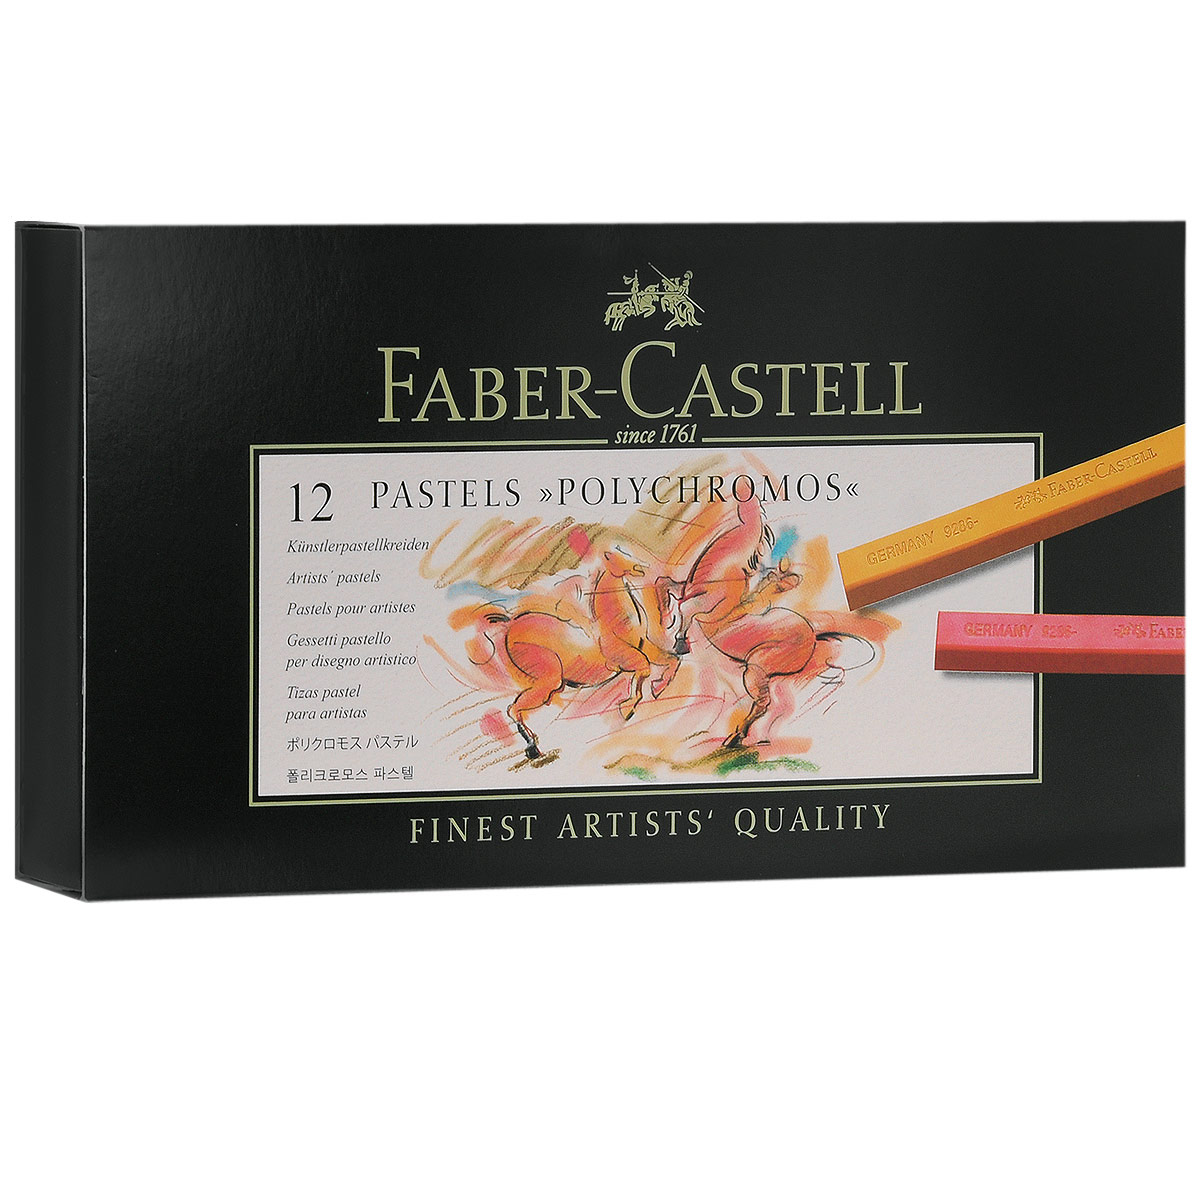 Пастель Faber-Castell  Polychromos , 12 шт -  Мелки и пастель